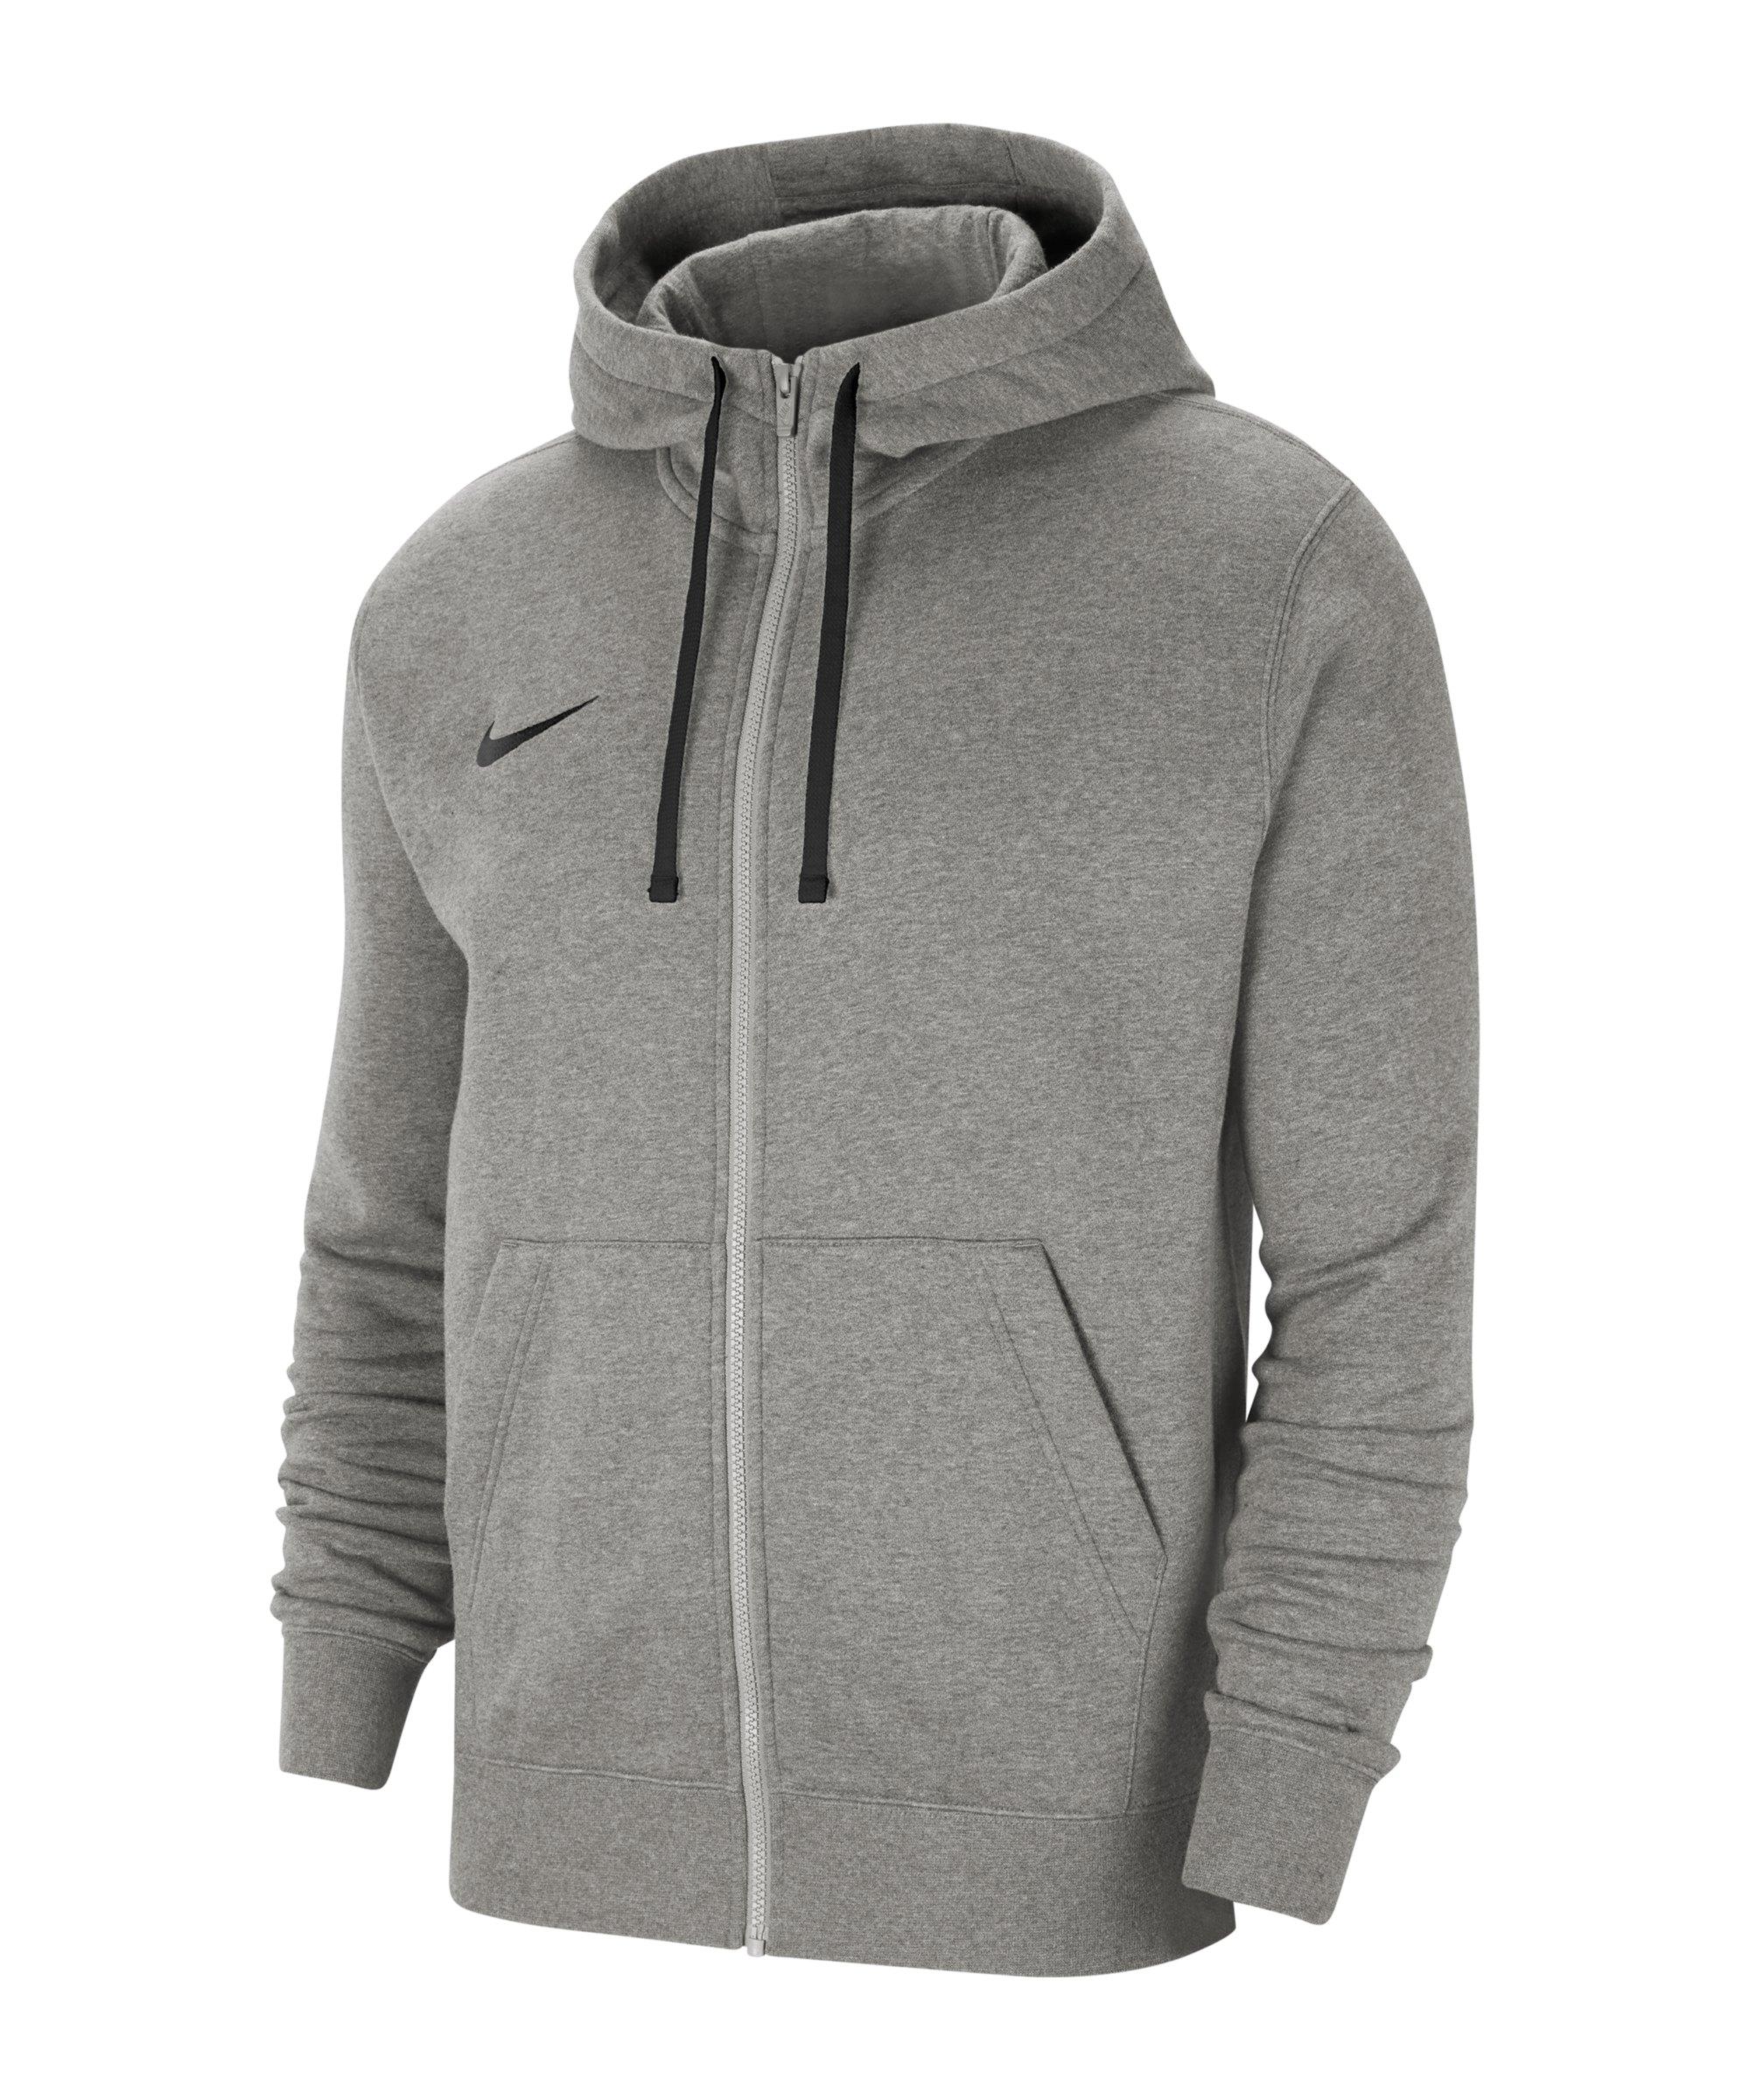 Nike Park 20 Fleece Kapuzenjacke Grau Schwarz F063 - grau